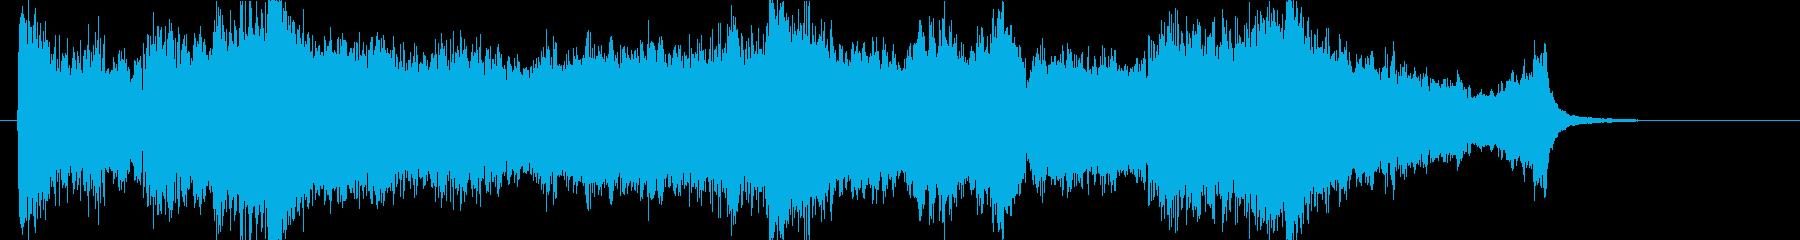 壮大、感動のオーケストラOPハーフcの再生済みの波形